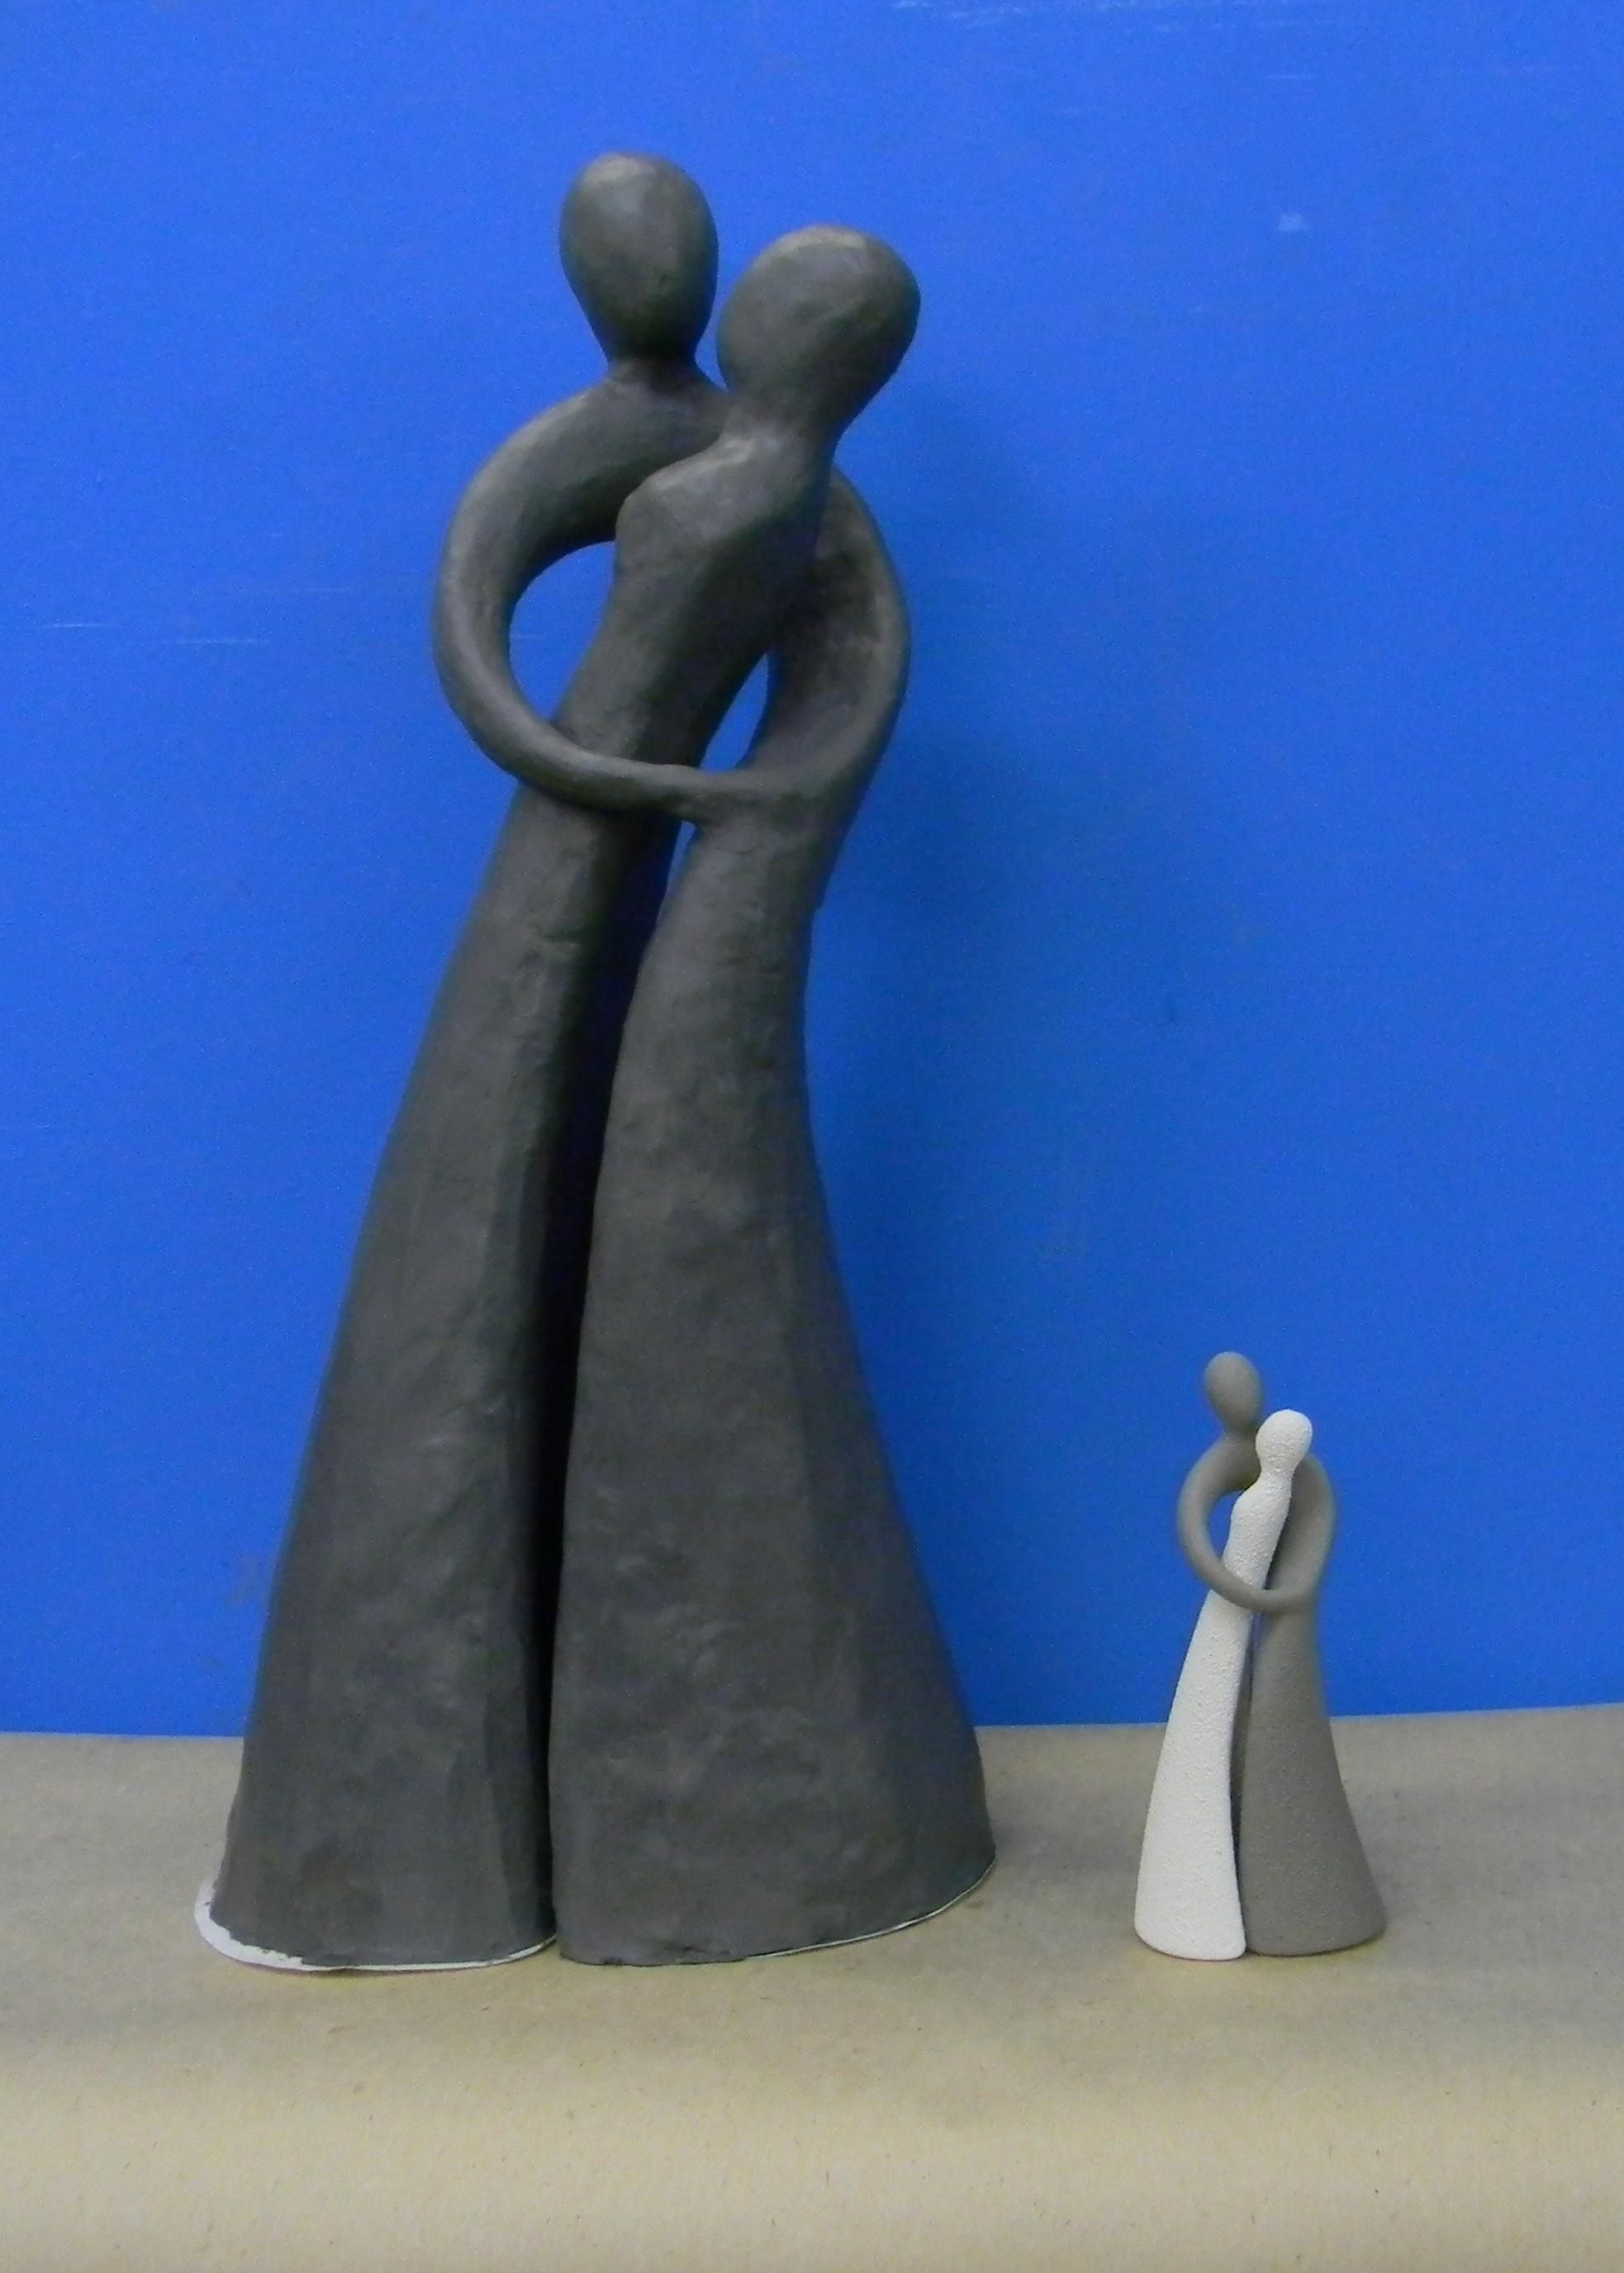 модель скульптуры из мягкого материа